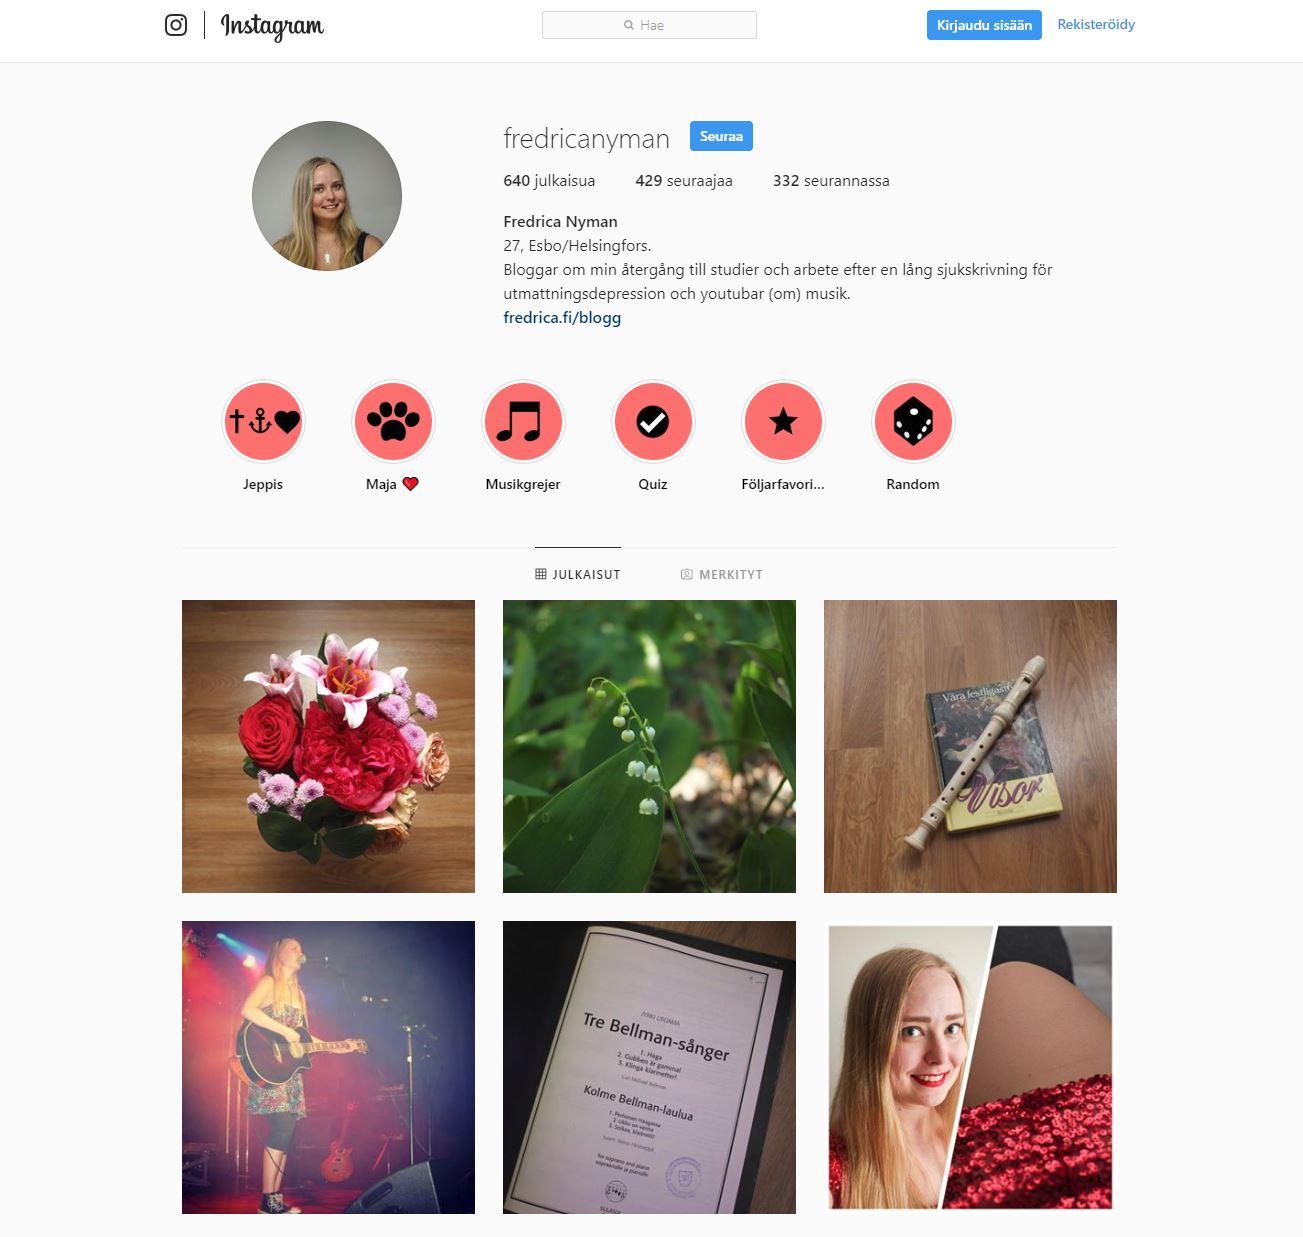 instagram inte följa